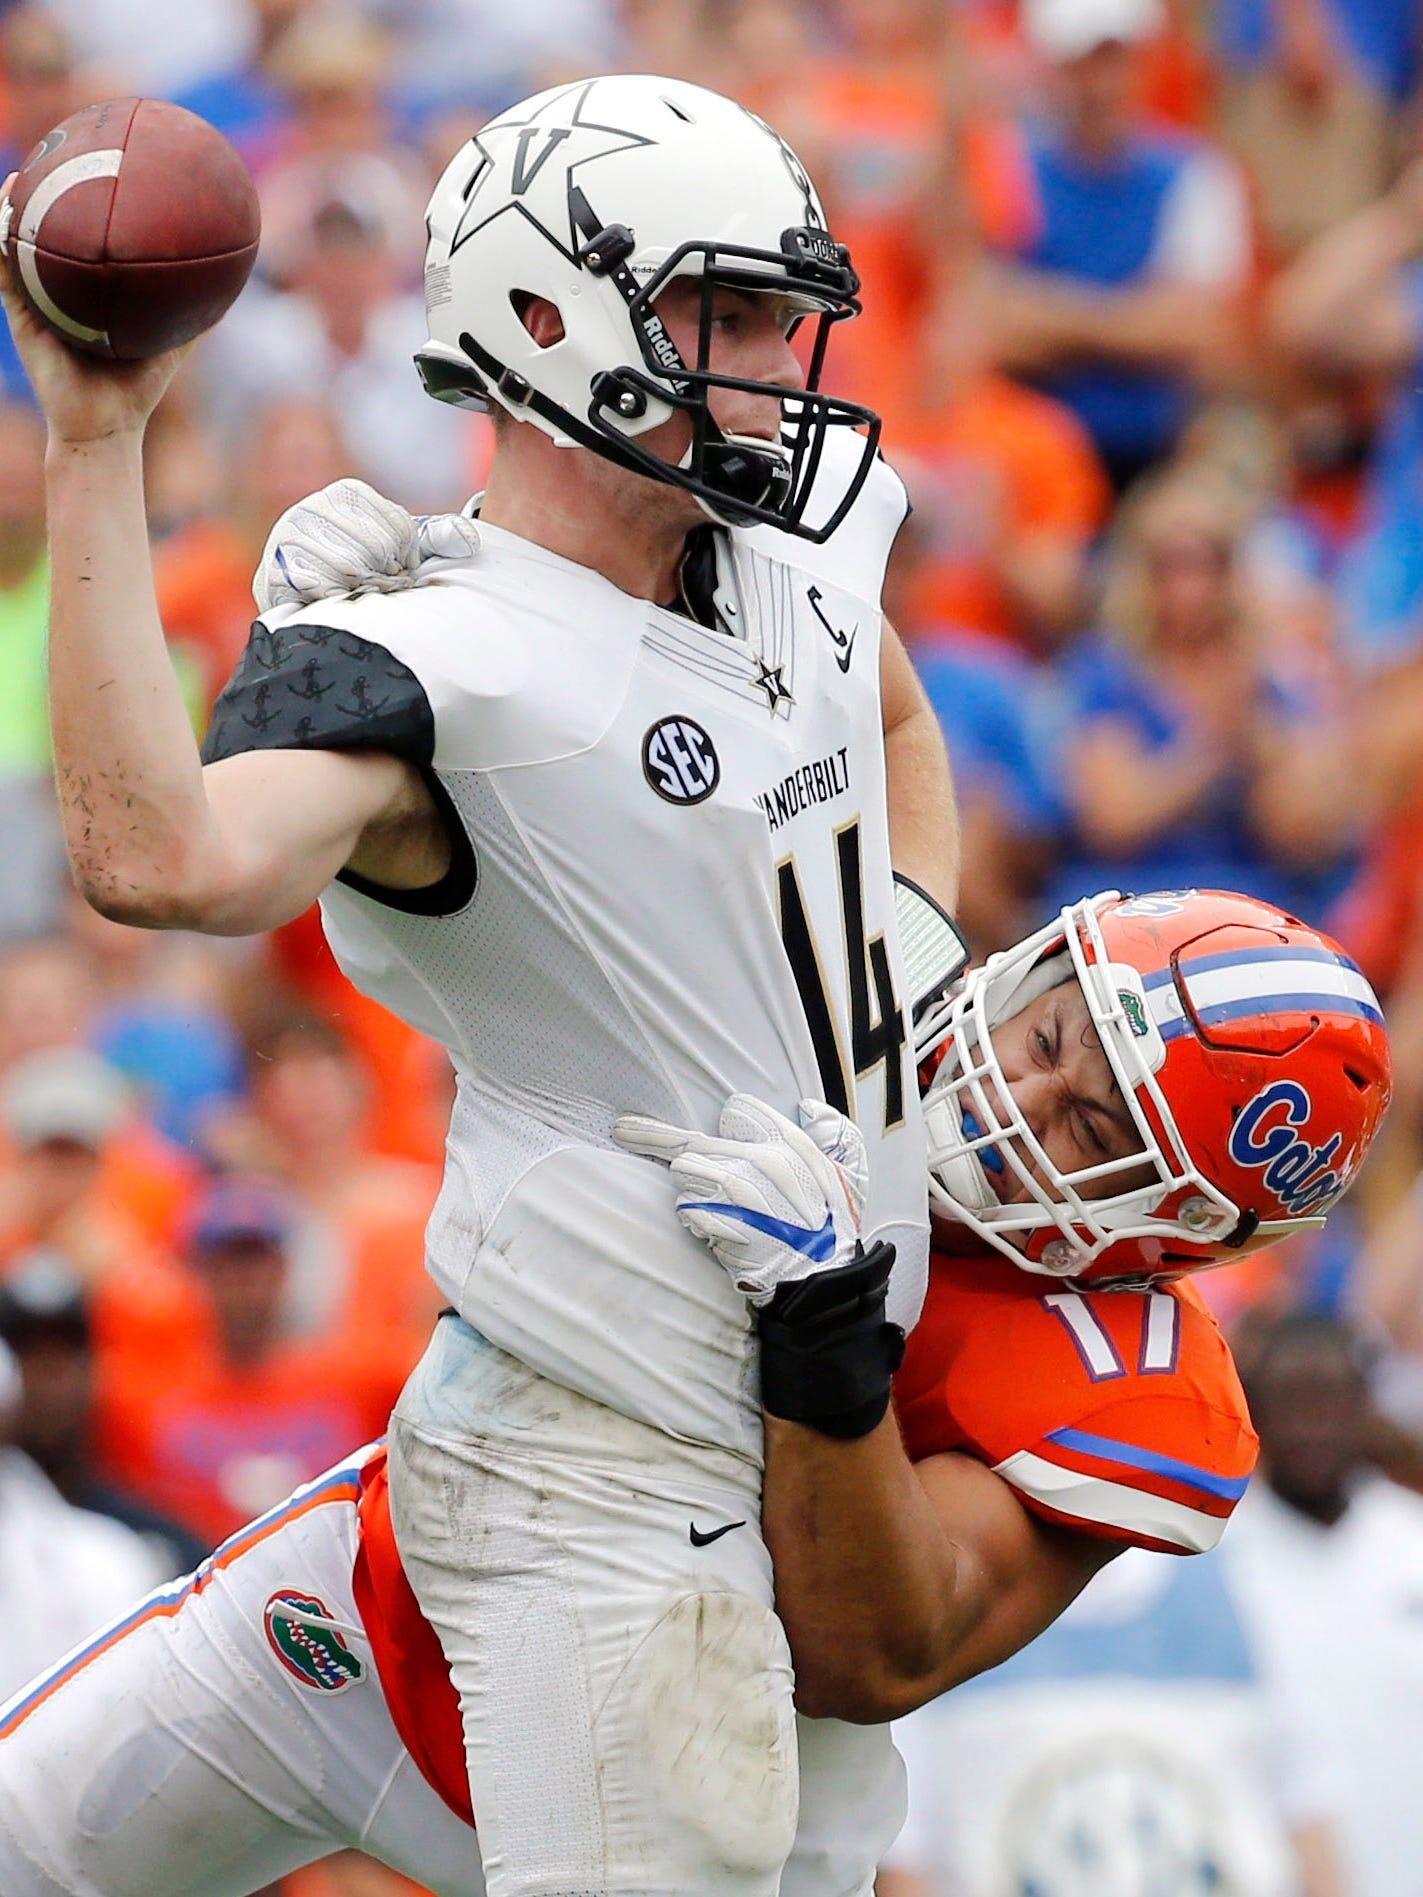 Vanderbilt vs Florida football ...